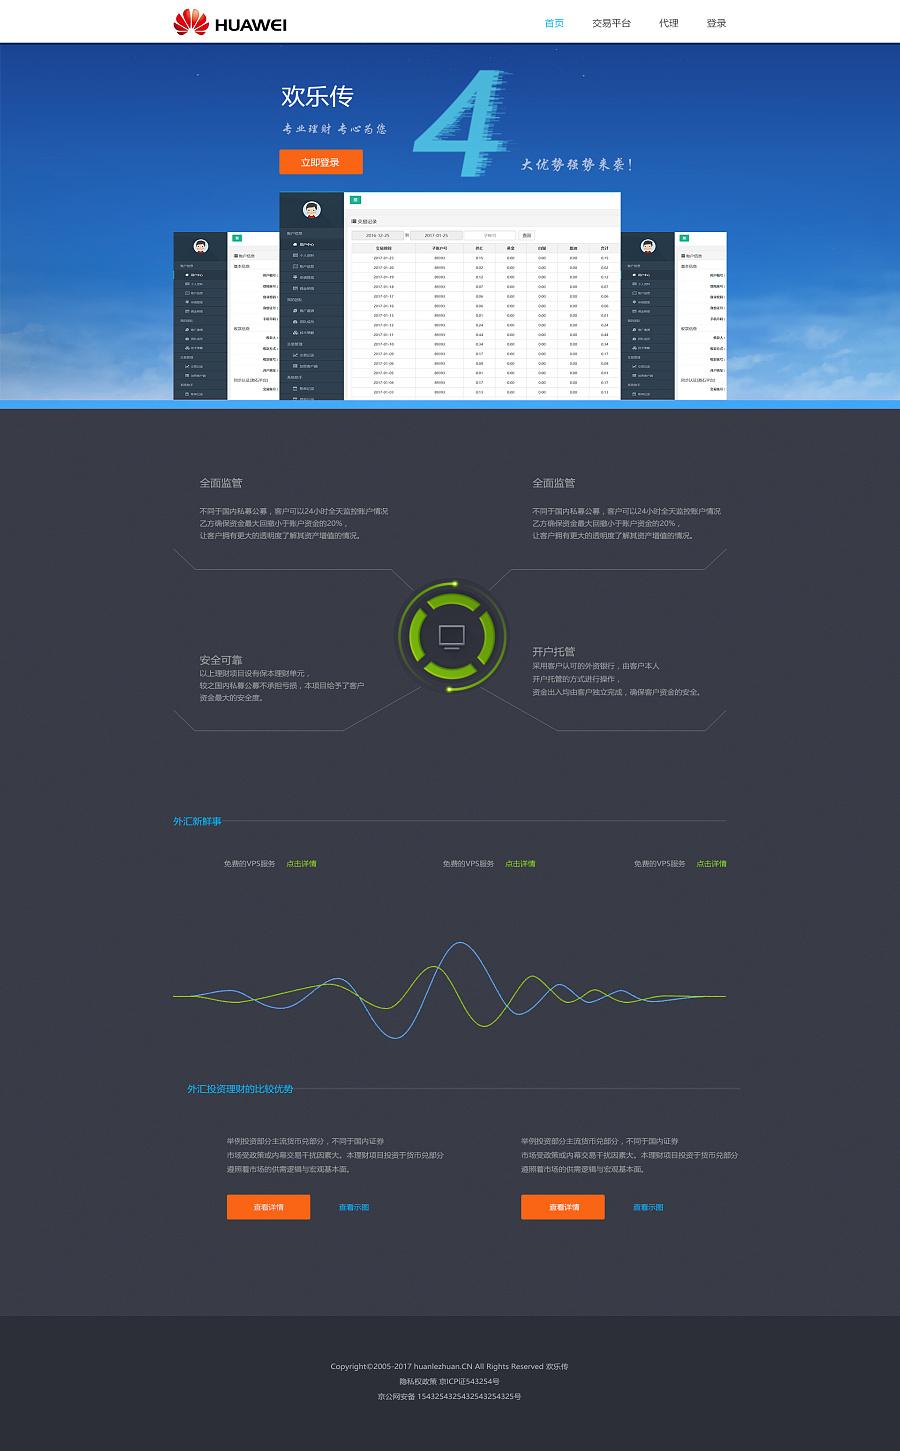 网页设计/网页制作/网站布局图片